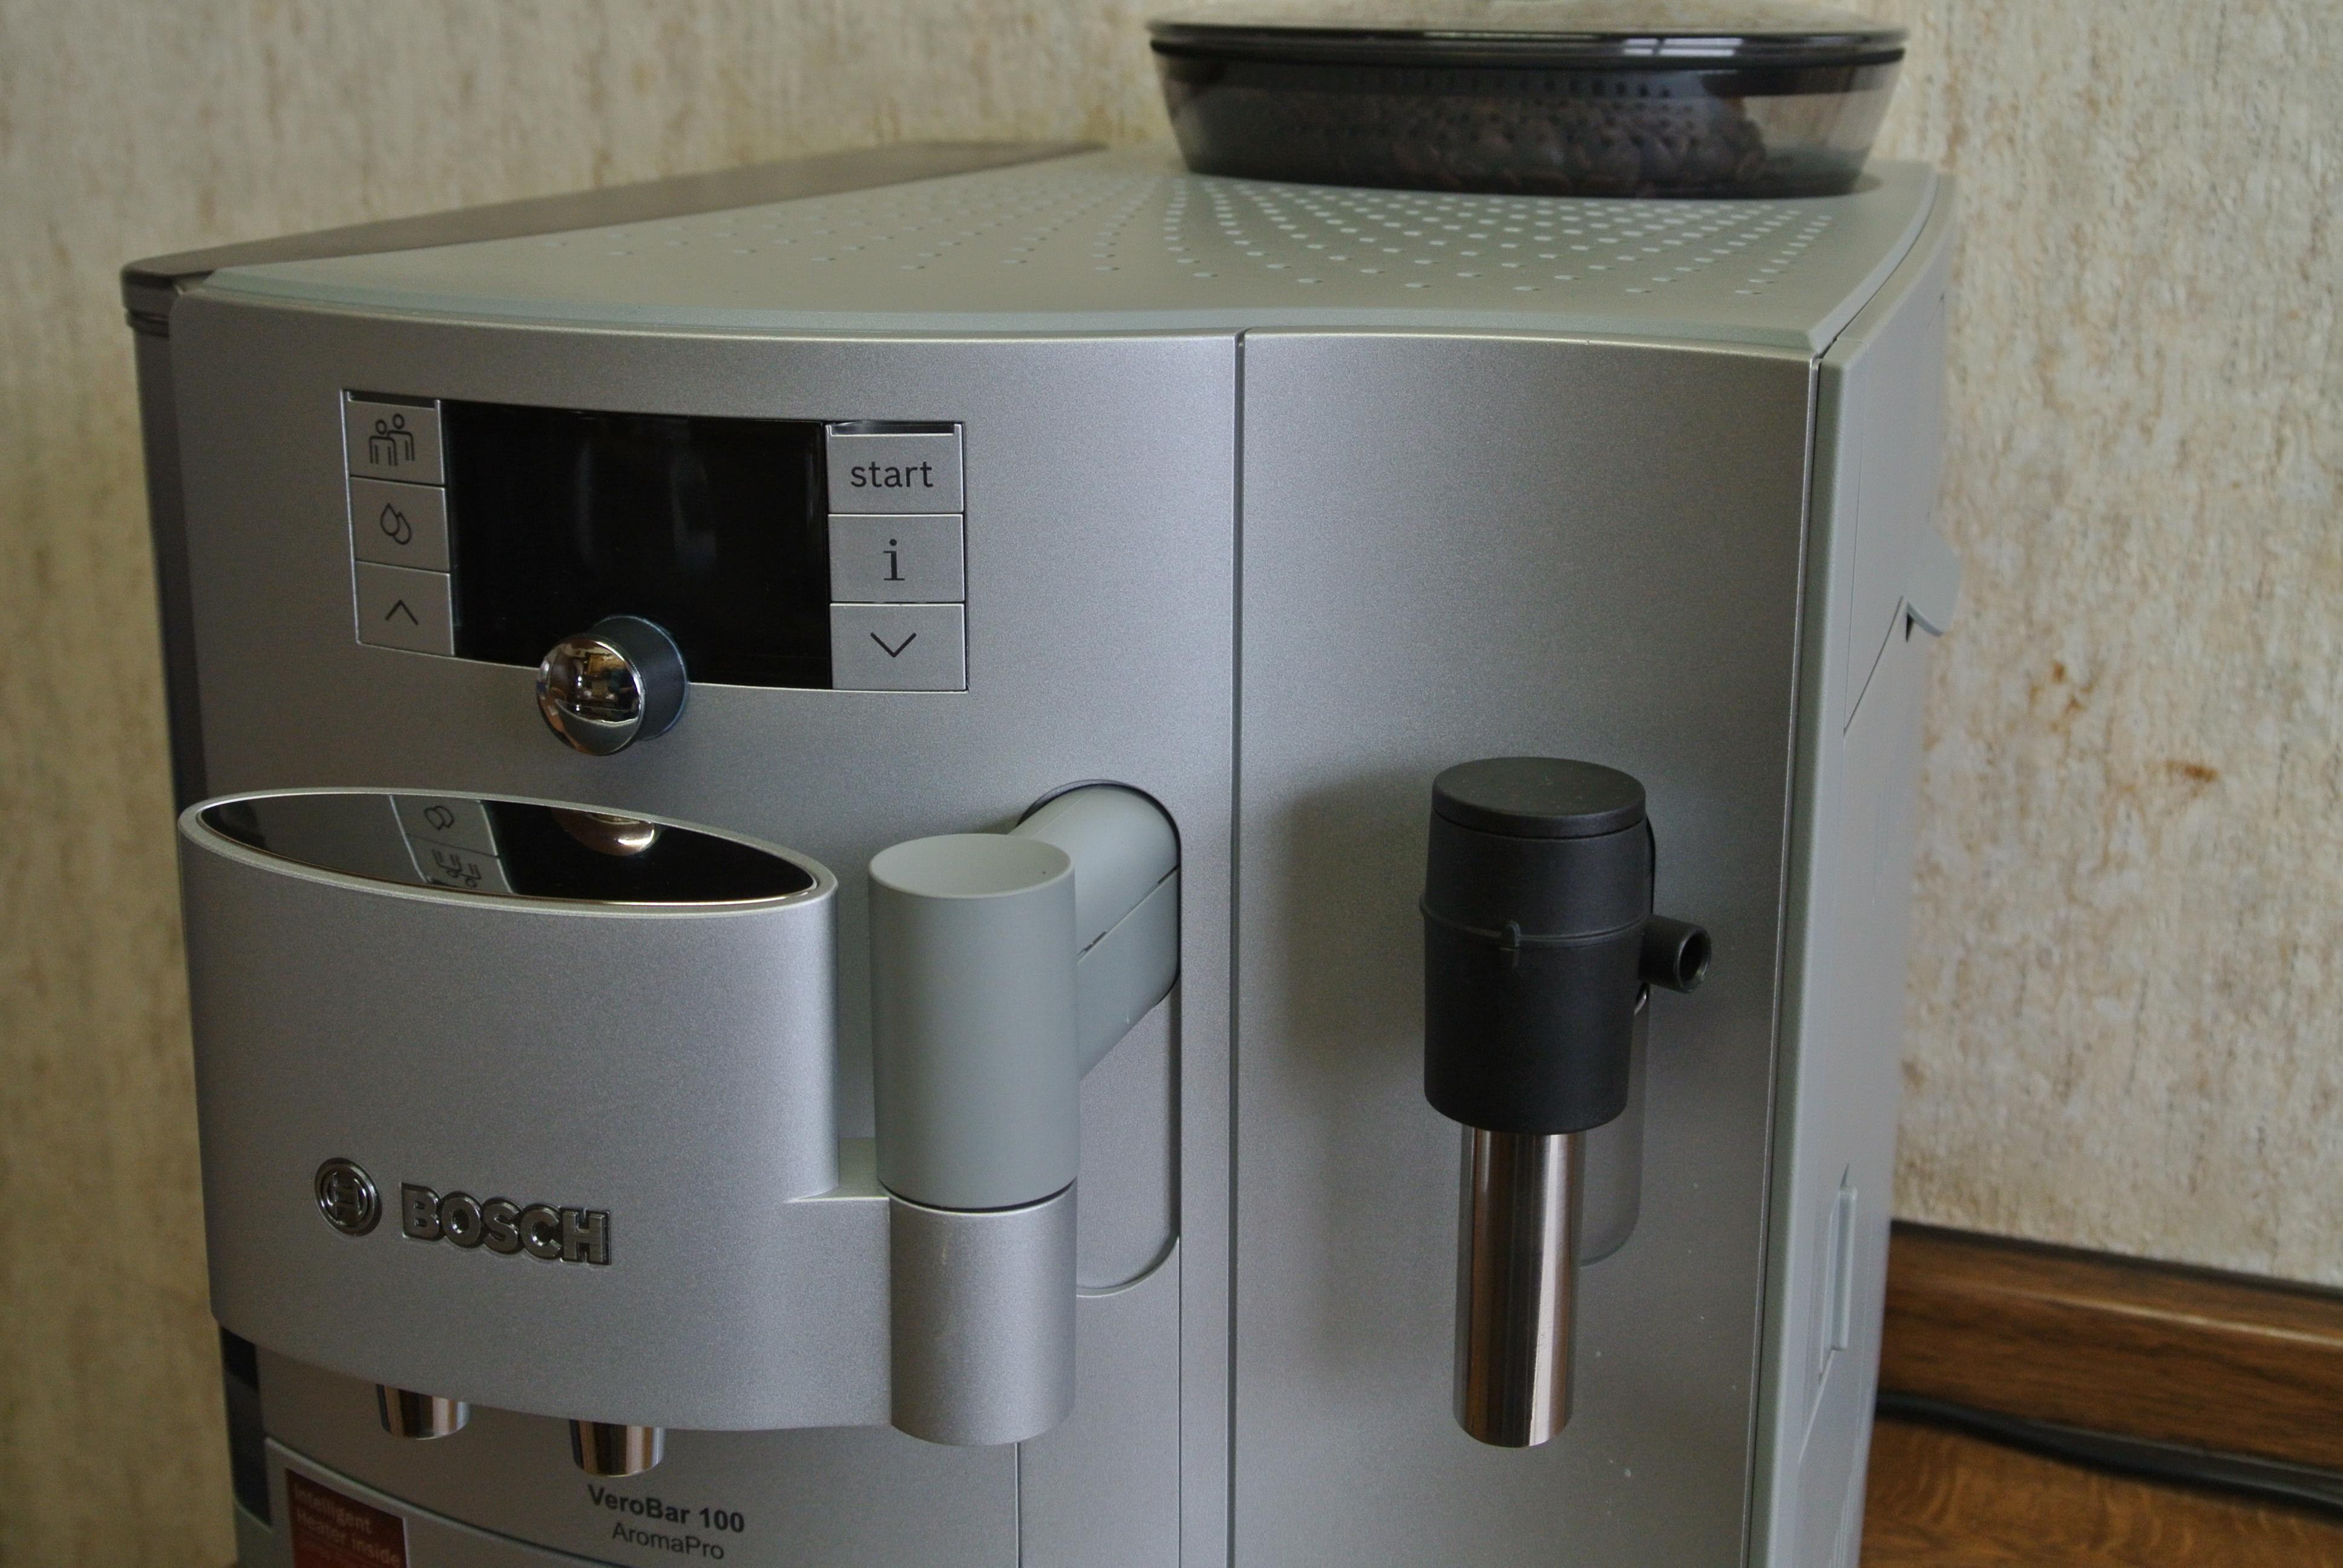 test kaffeevollautomat verobar100 von bosch gastroguerilla. Black Bedroom Furniture Sets. Home Design Ideas